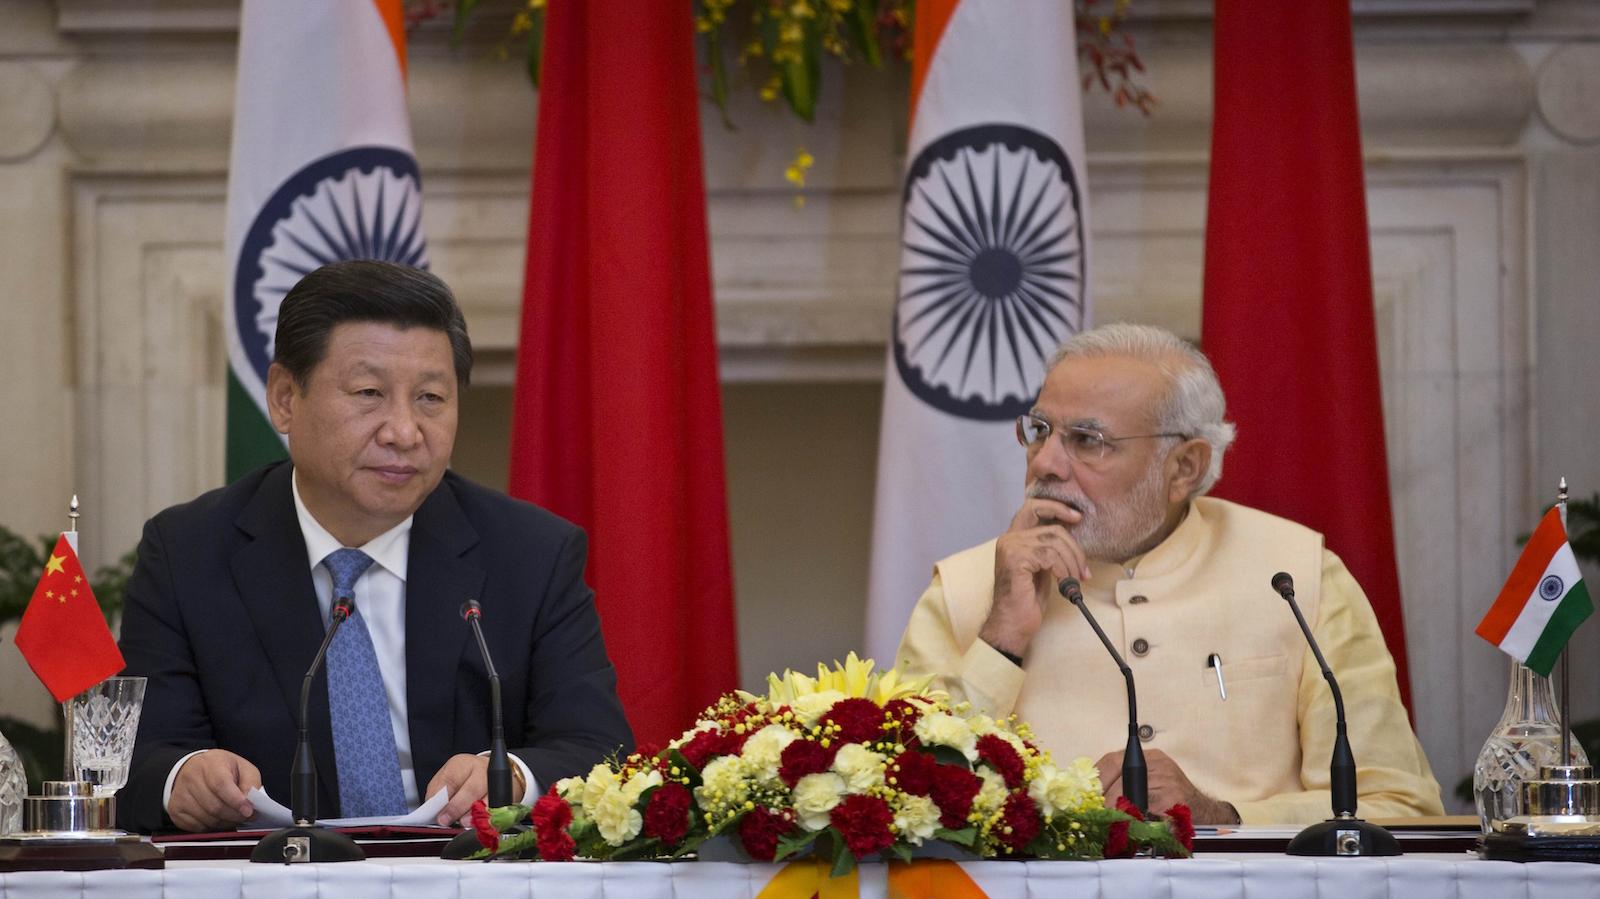 Xi Jinping-China-Cyber spying-Modi